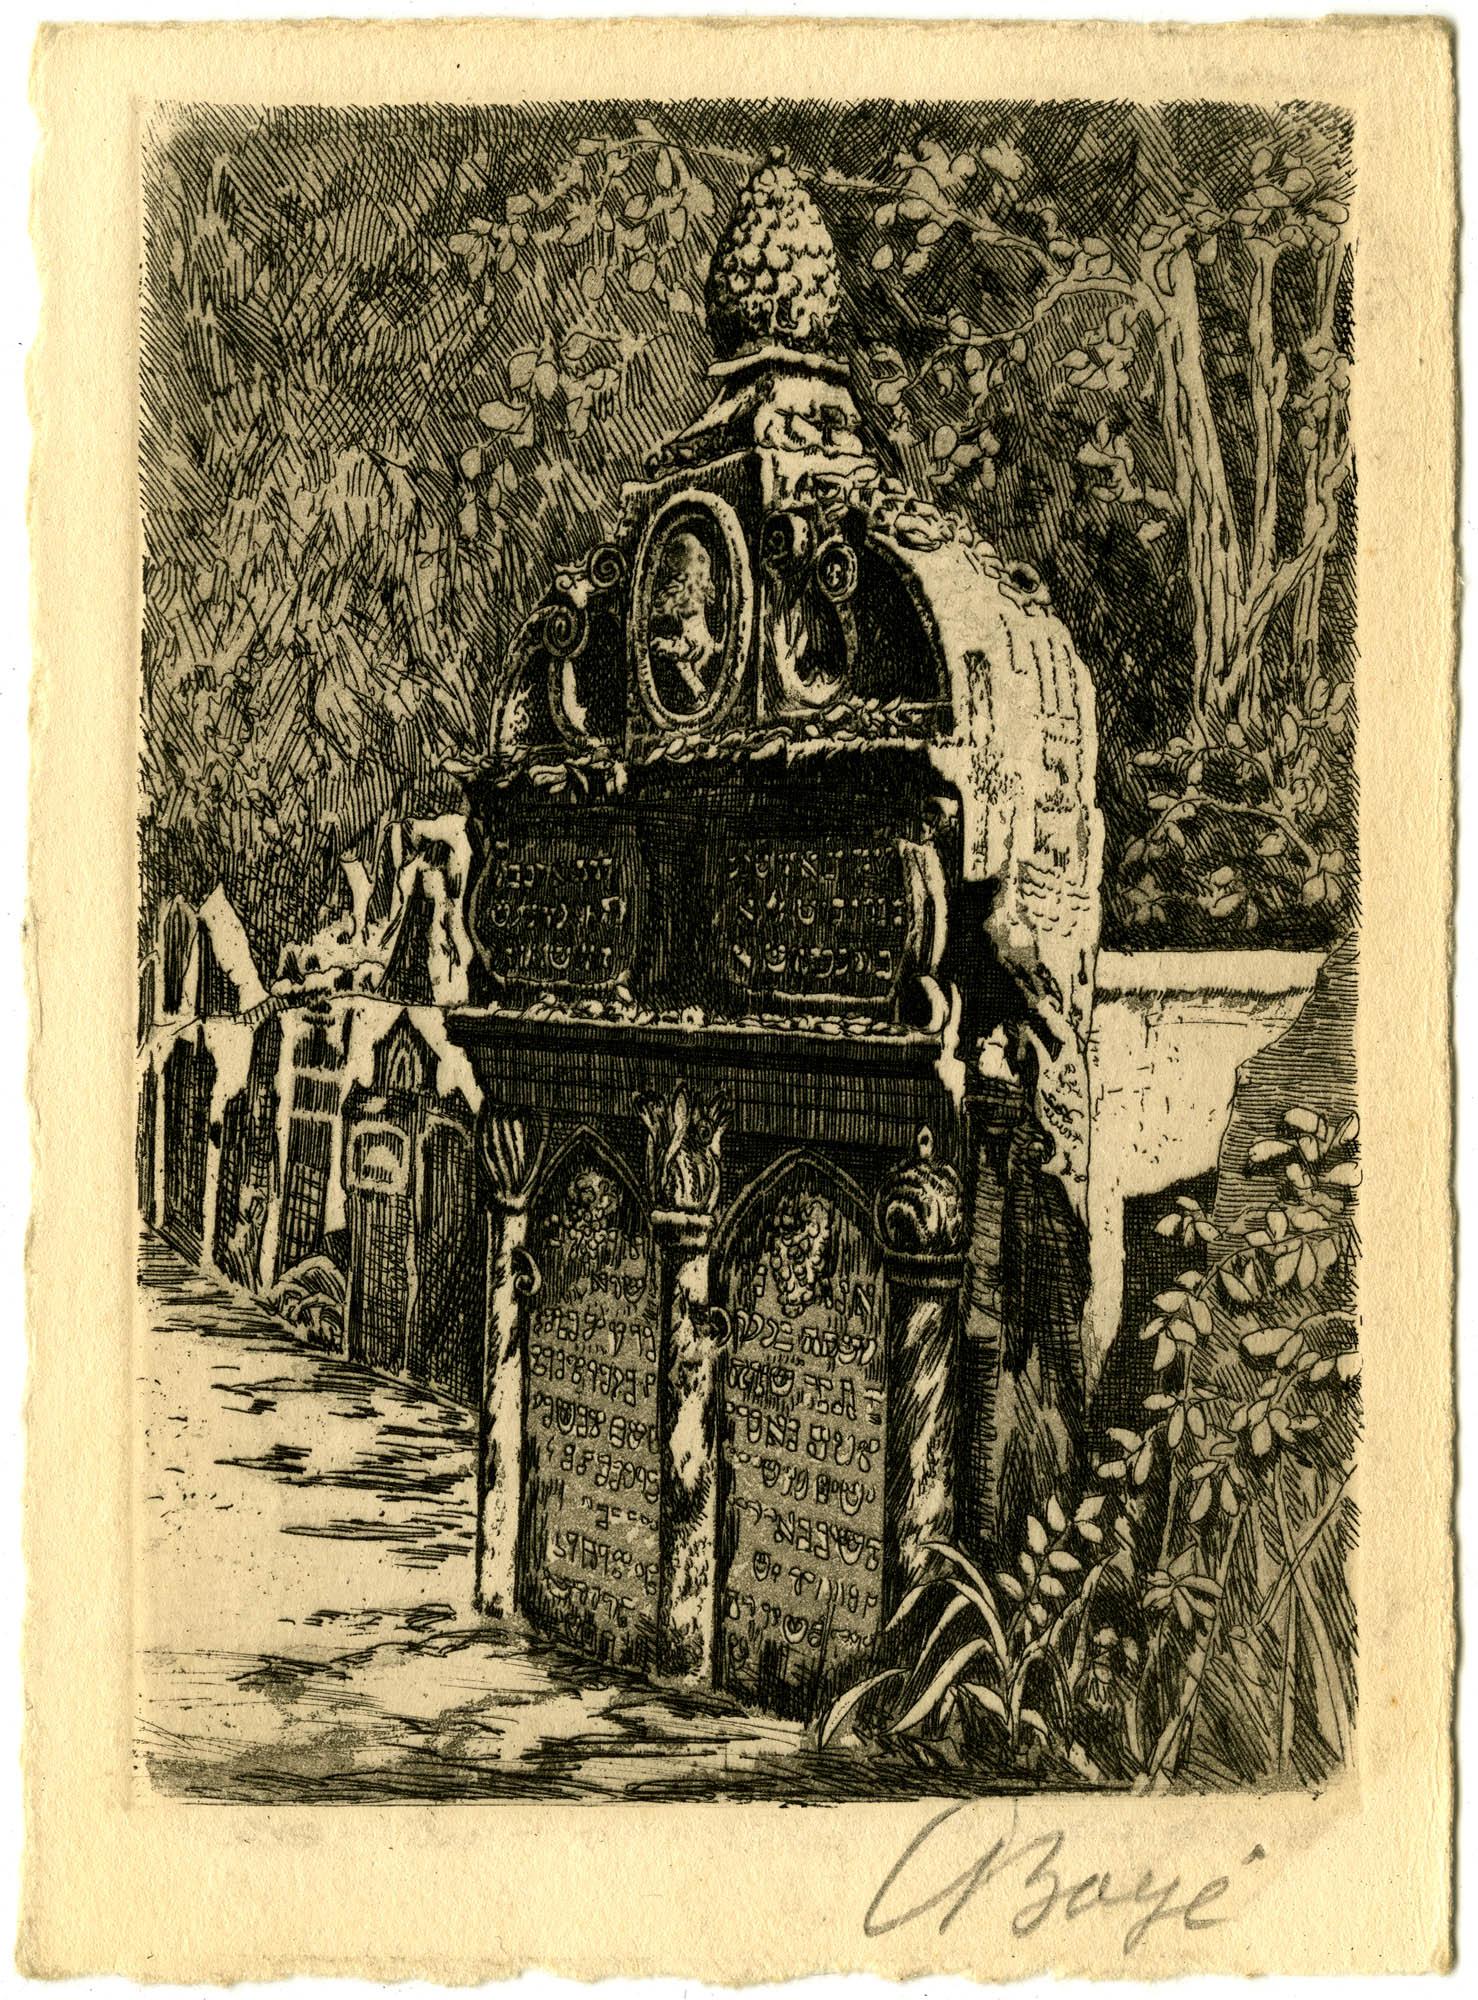 ר' יהודה ליווא בן בצלאל / Vysoký rabí Lev (1609) / Der hohe Rabbi Löw